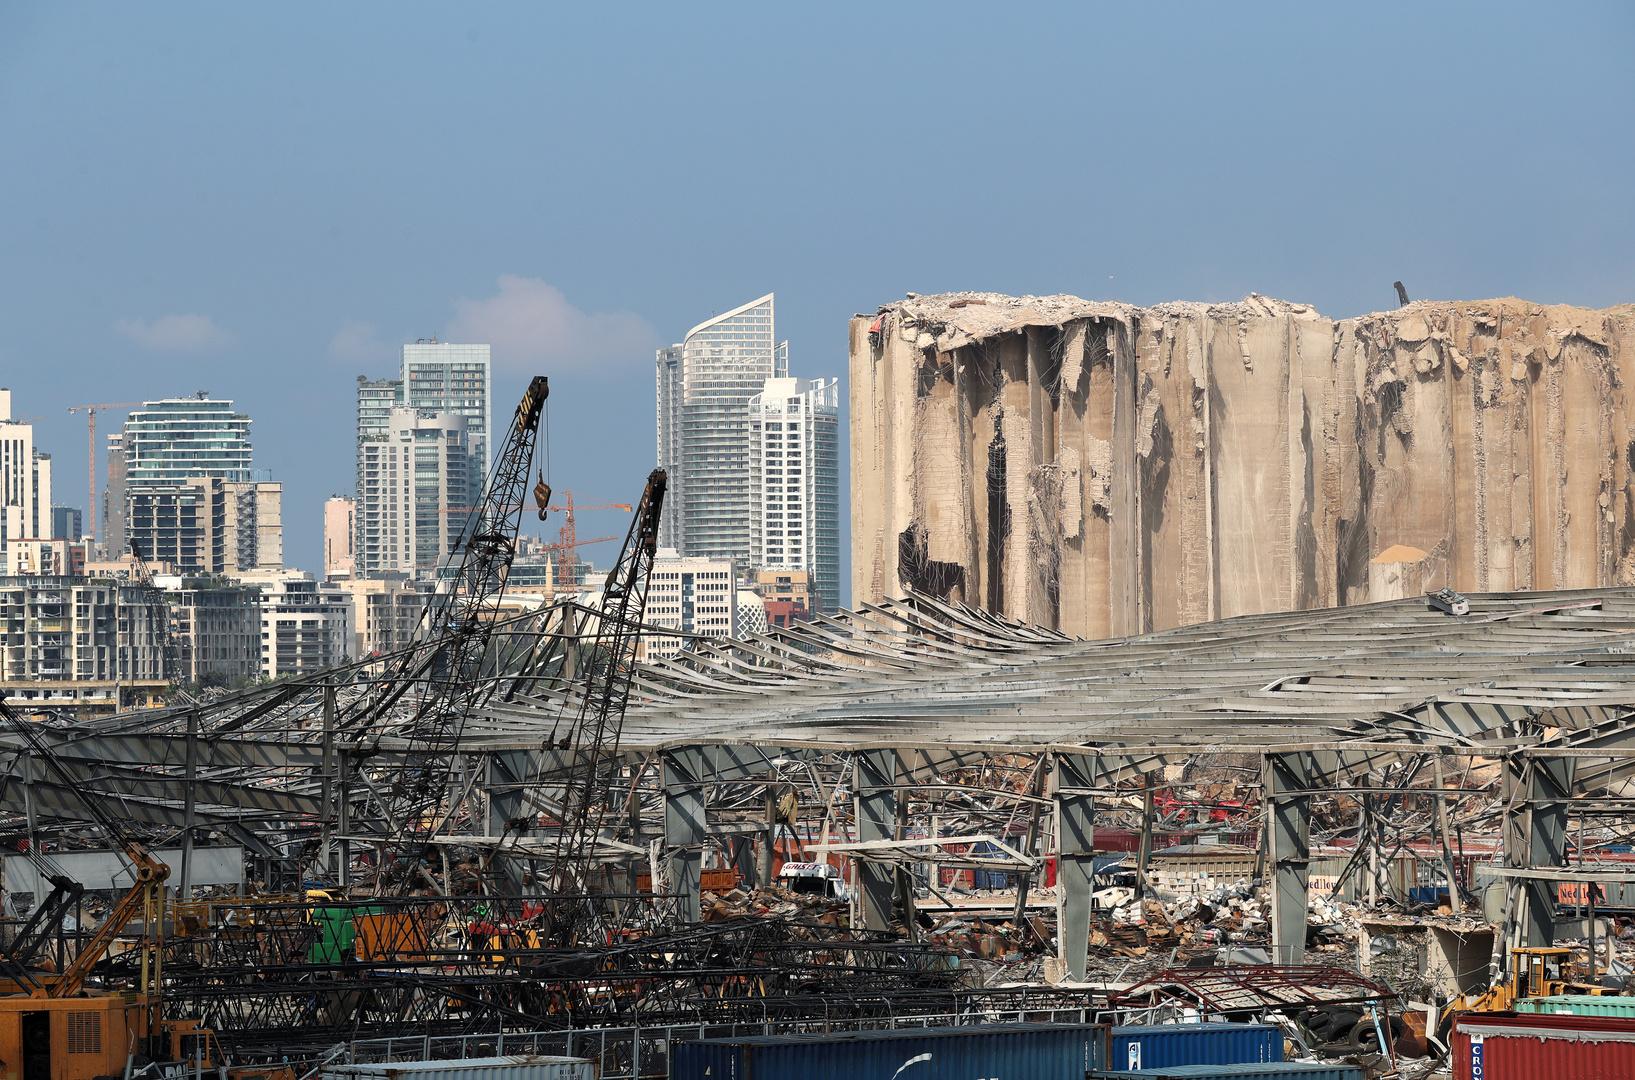 لبنان.. الإدعاء على رئيس الحكومة وعدد من الوزراء السابقين في قضية انفجار مرفأ بيروت